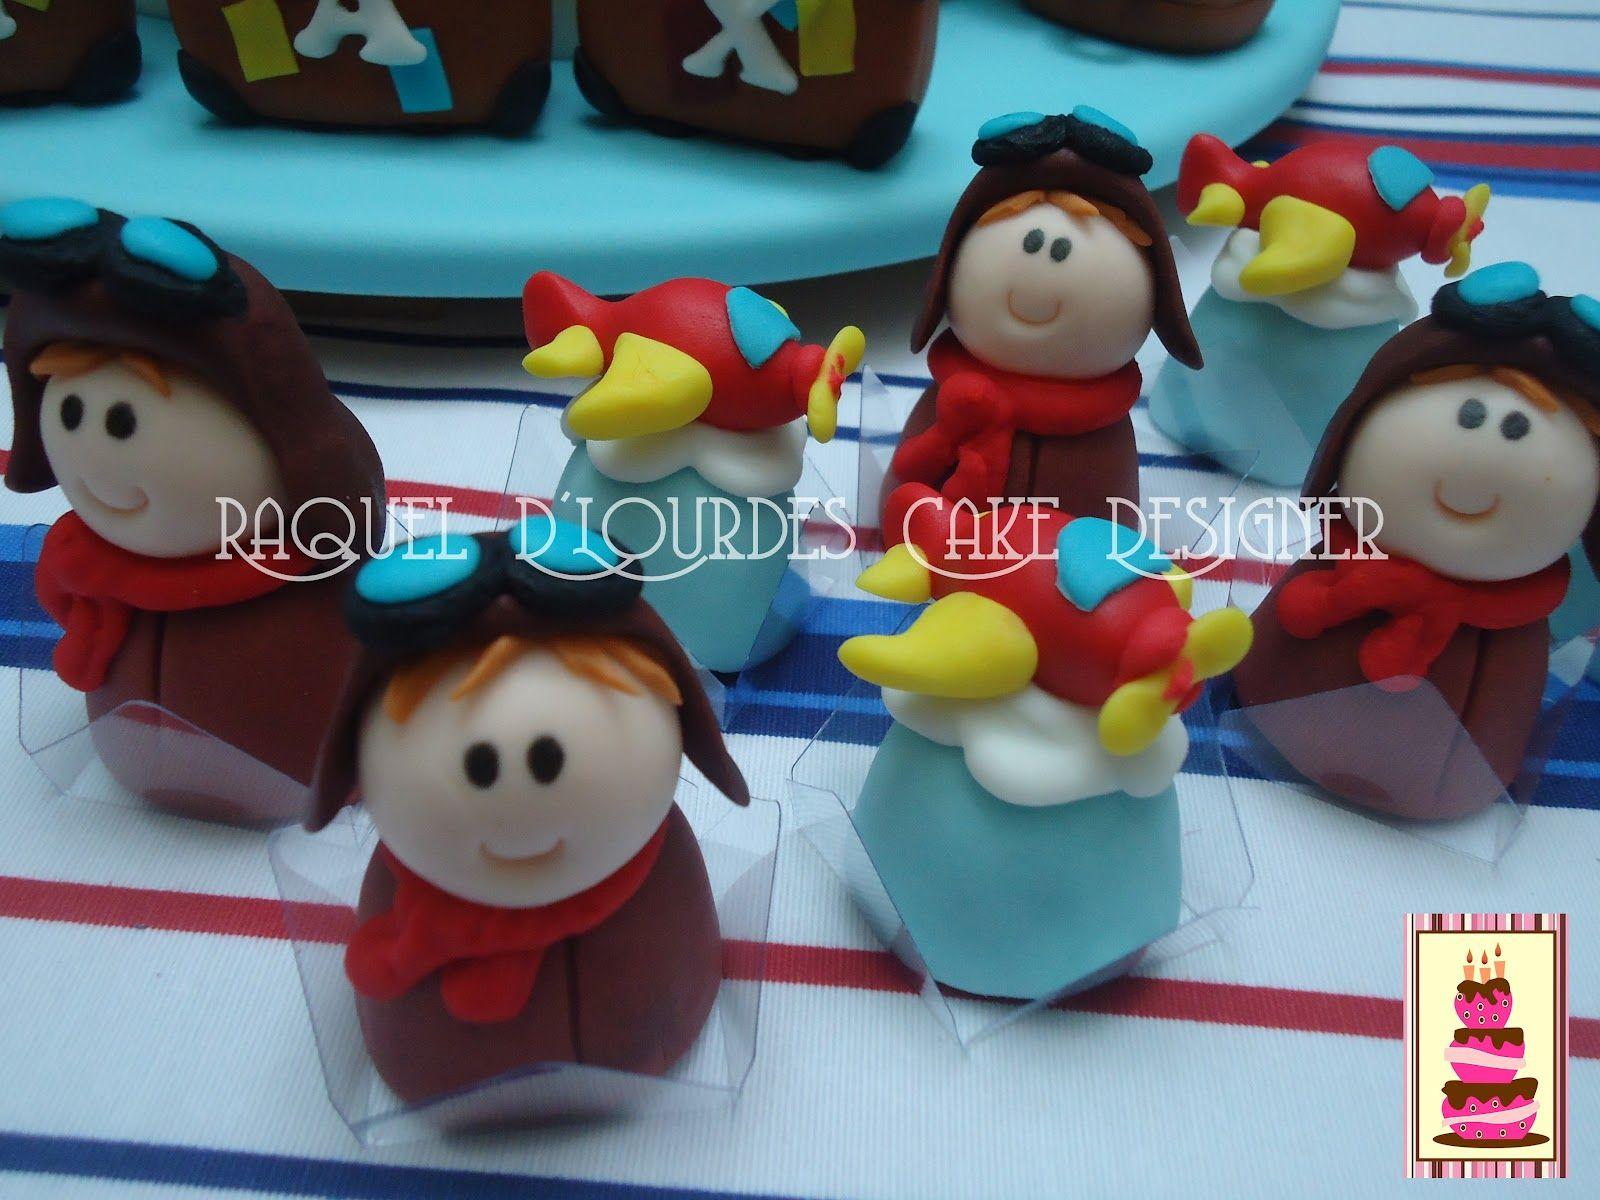 festa aviador doces - Pesquisa Google   kit variados   Cupcakes ... 370f32013a